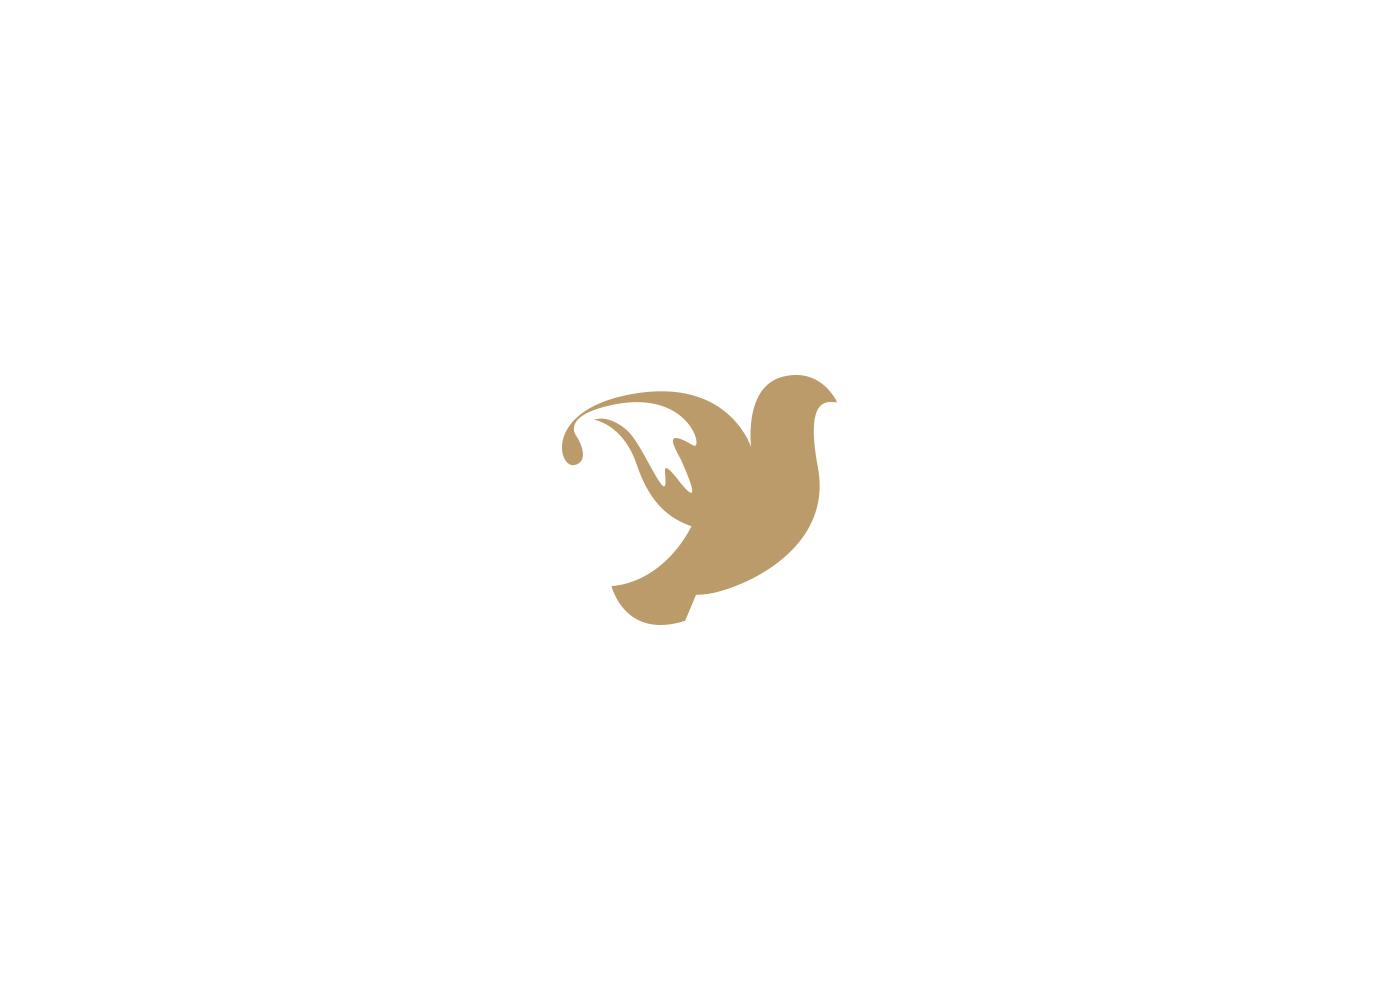 logo_design_psfulart